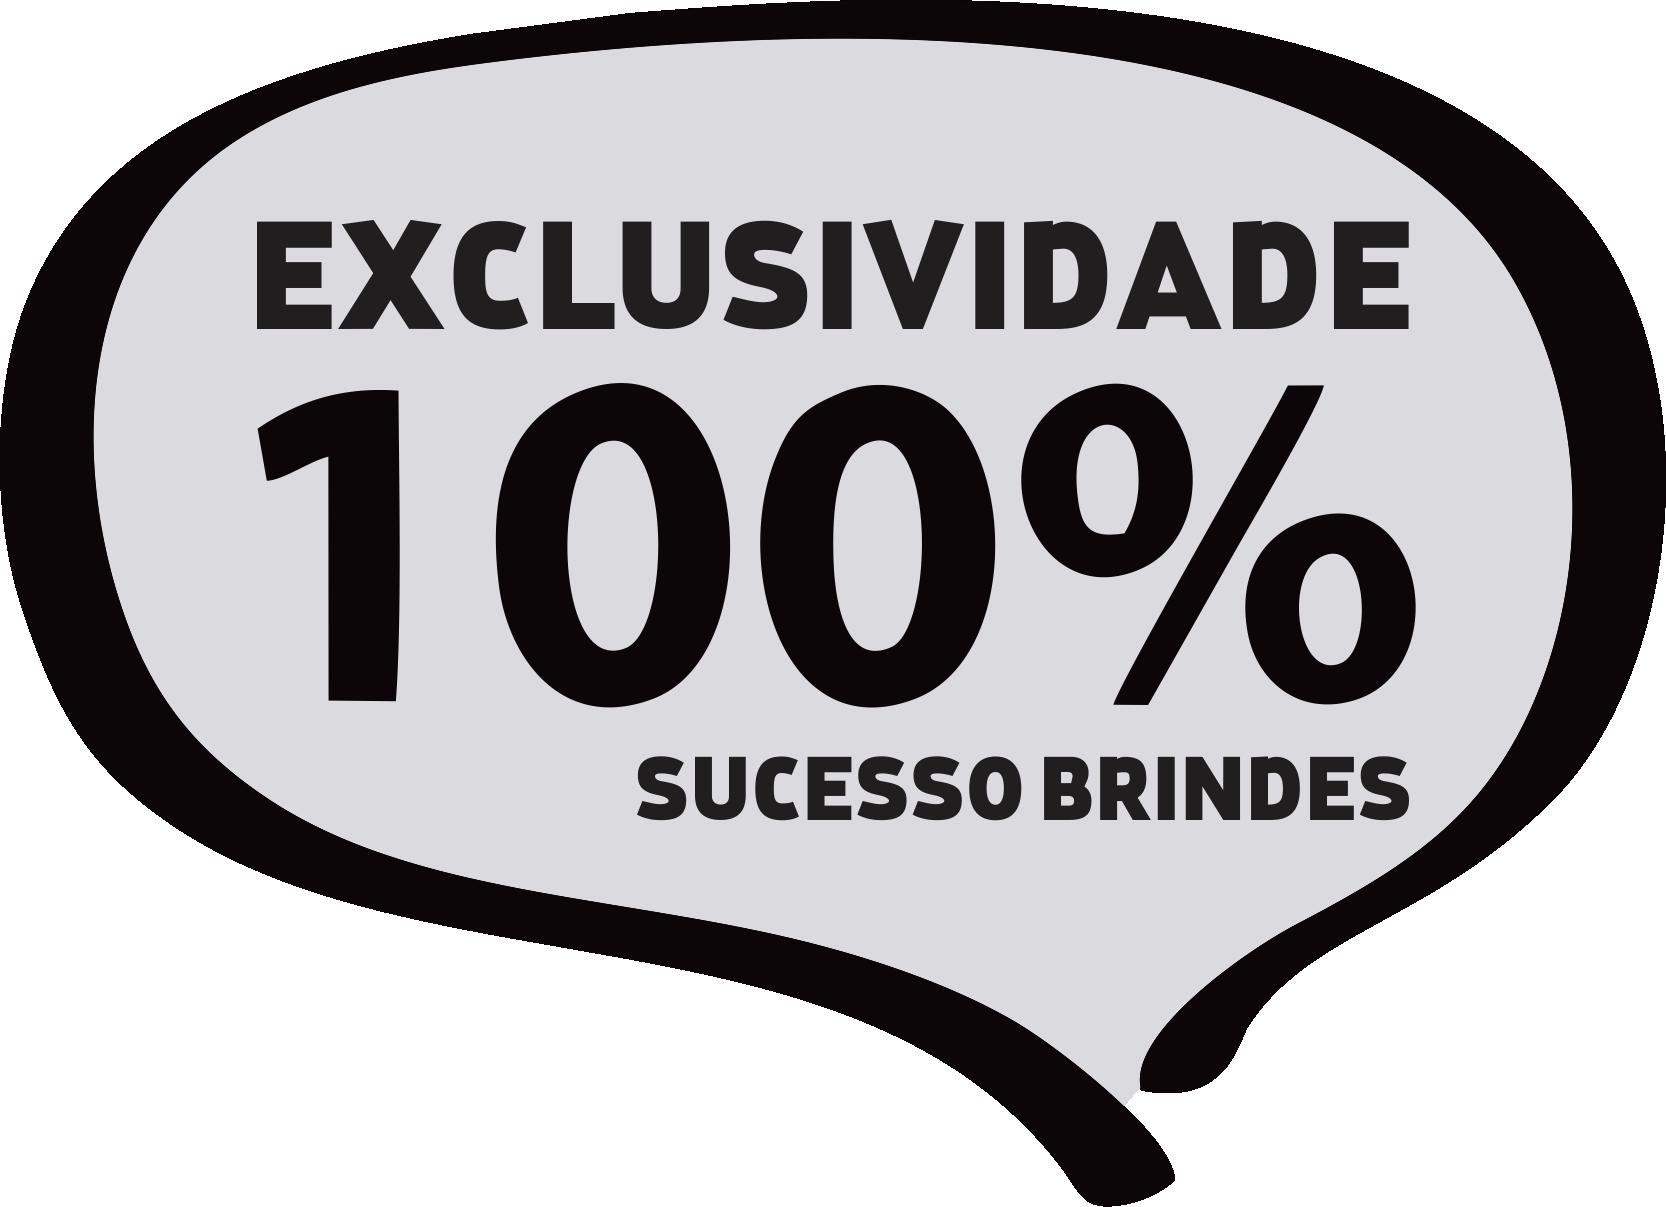 EXCLUSIVIDADE SUCESSO BRINDES